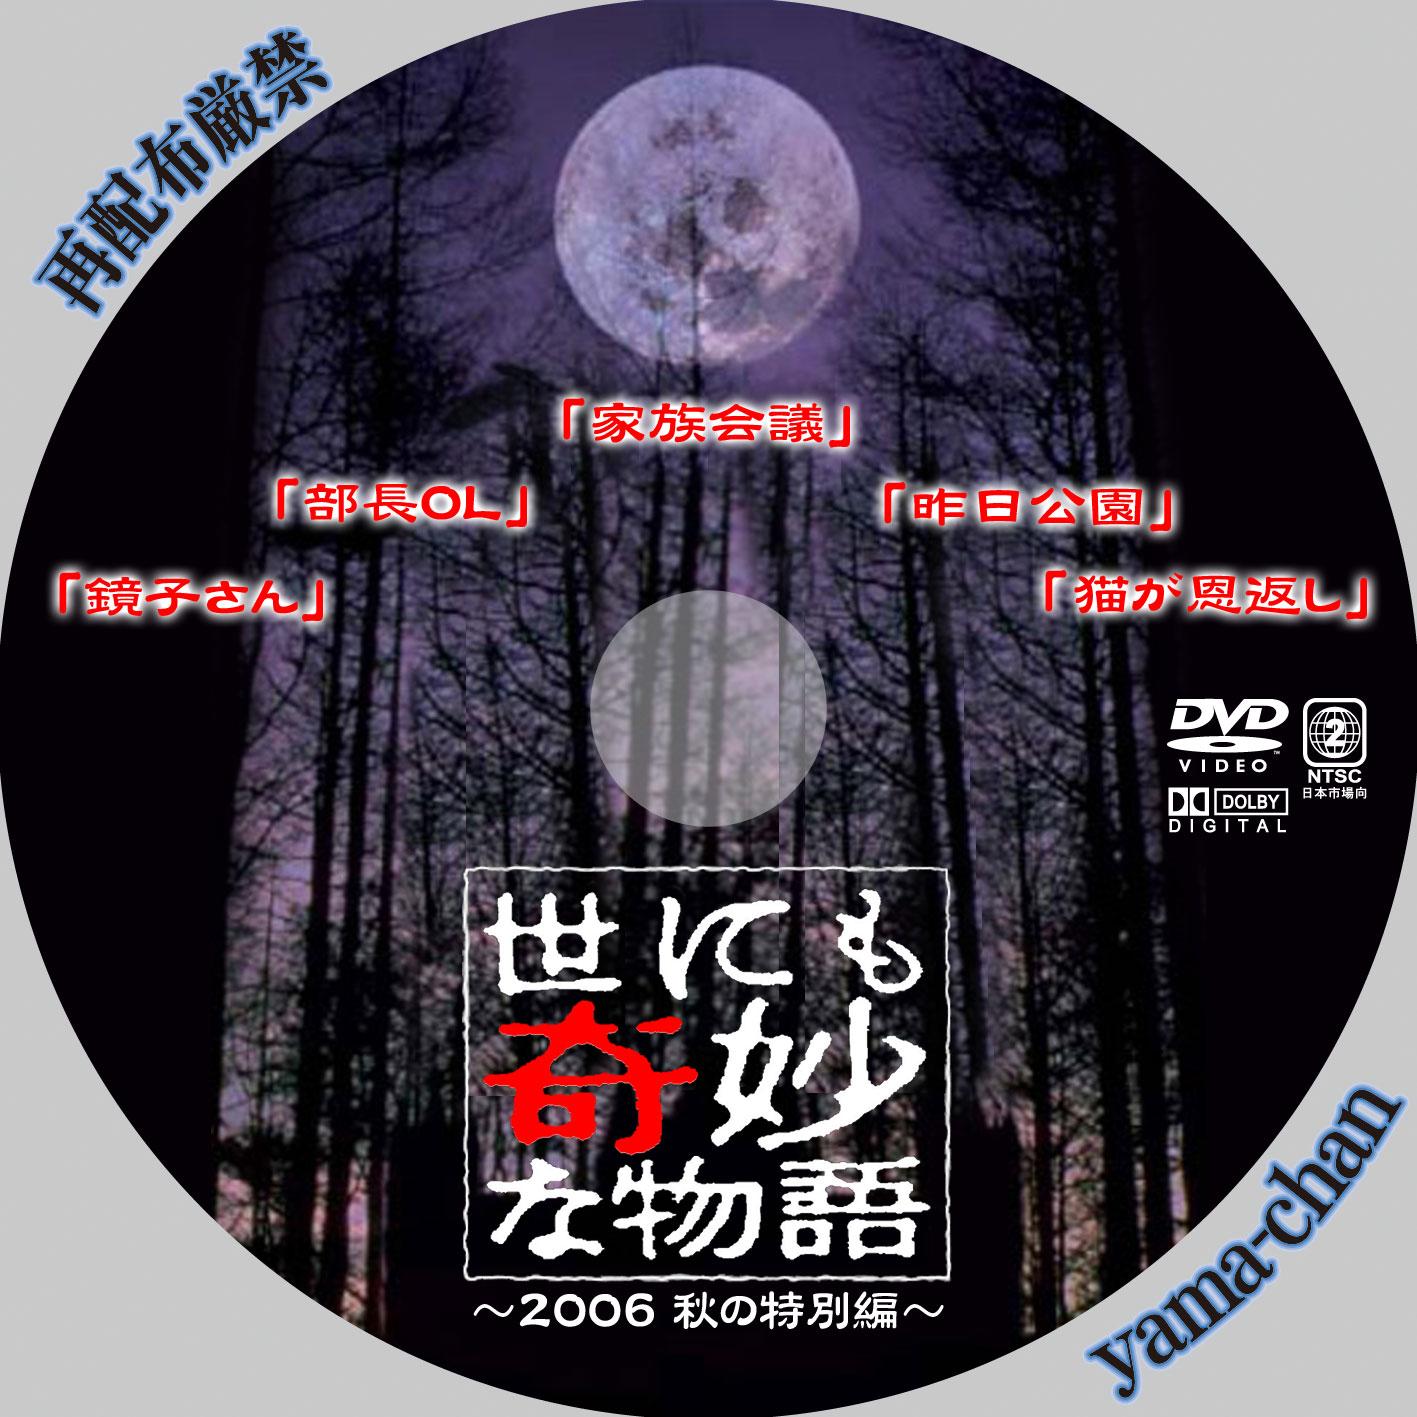 yama-chanのラベル工房 世にも奇妙な物語2006秋の特別編